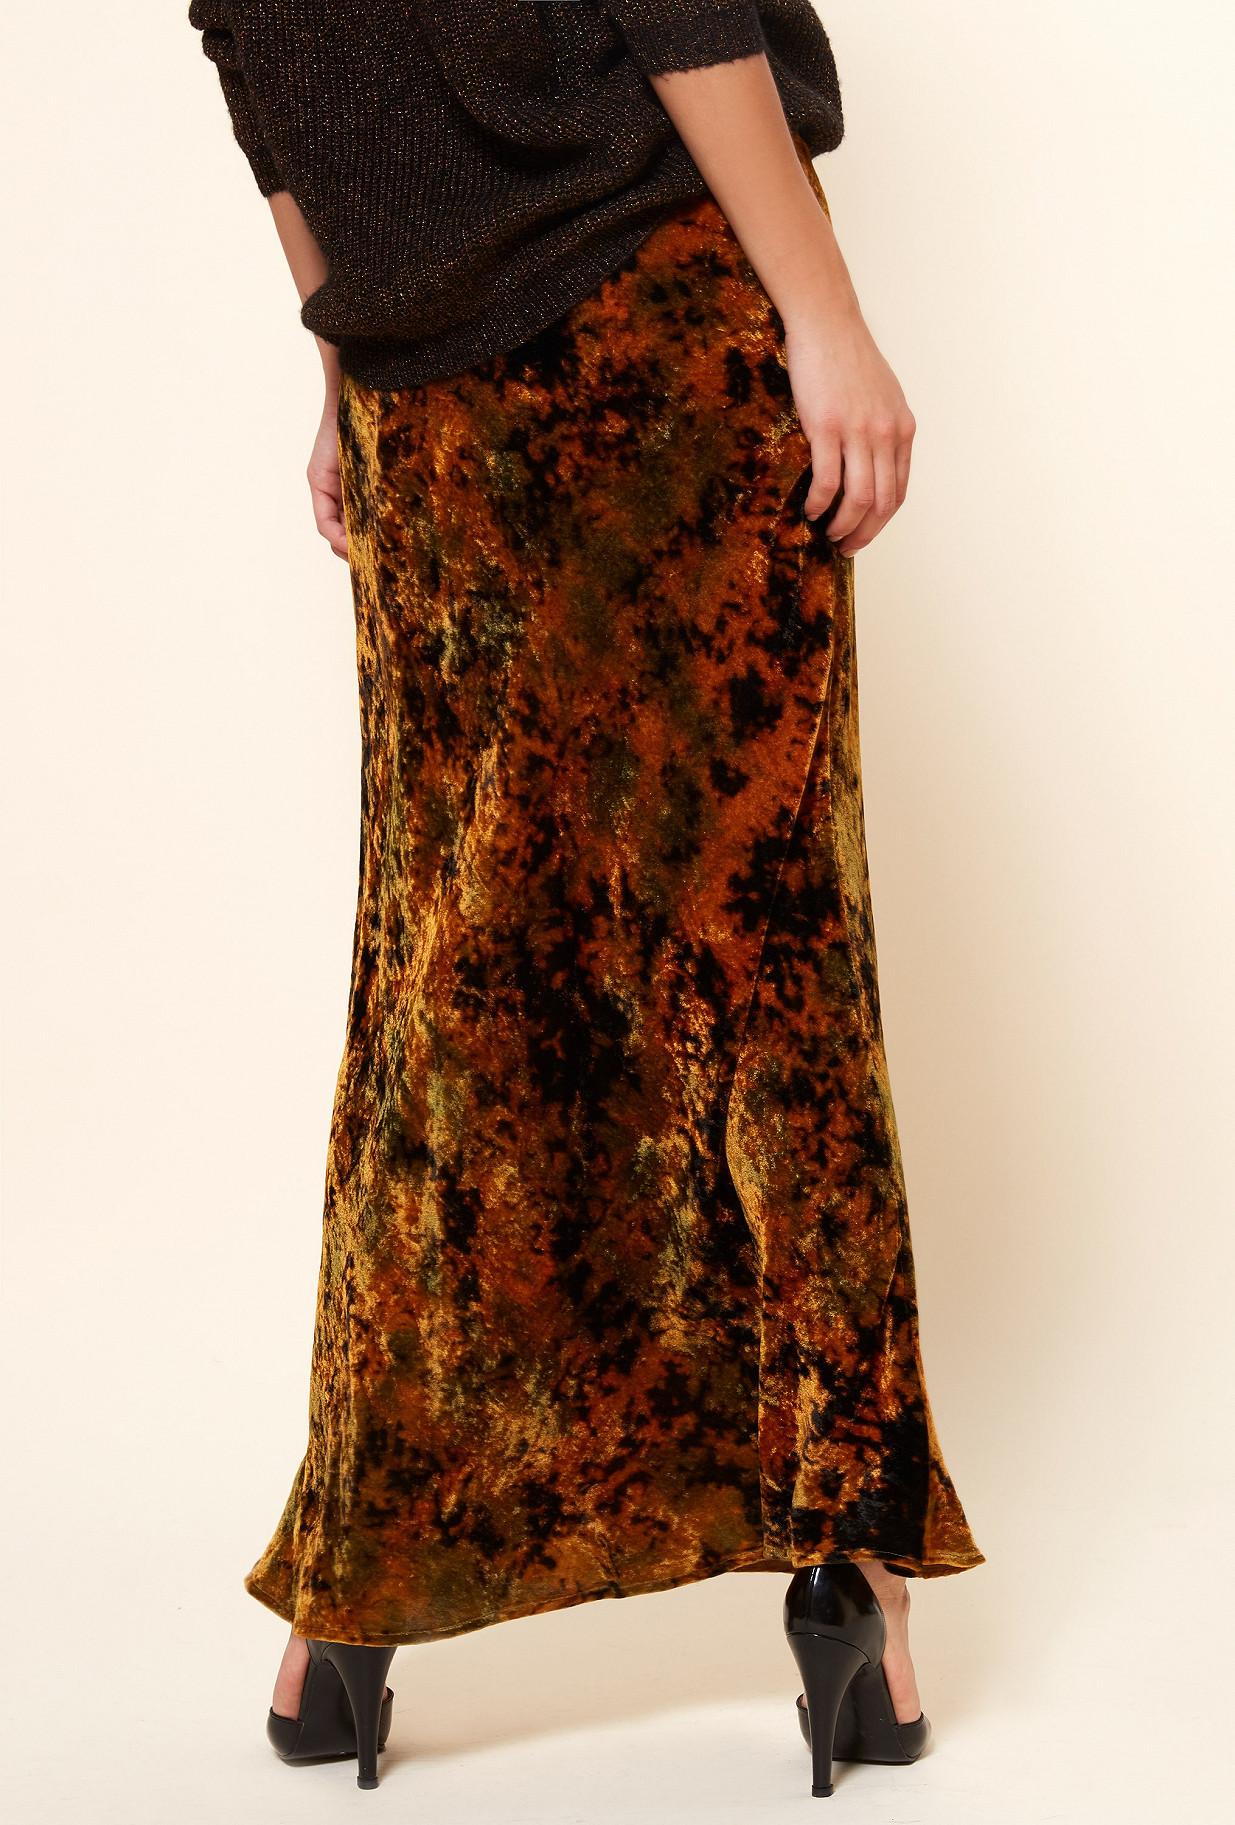 Floral print Skirt Sade